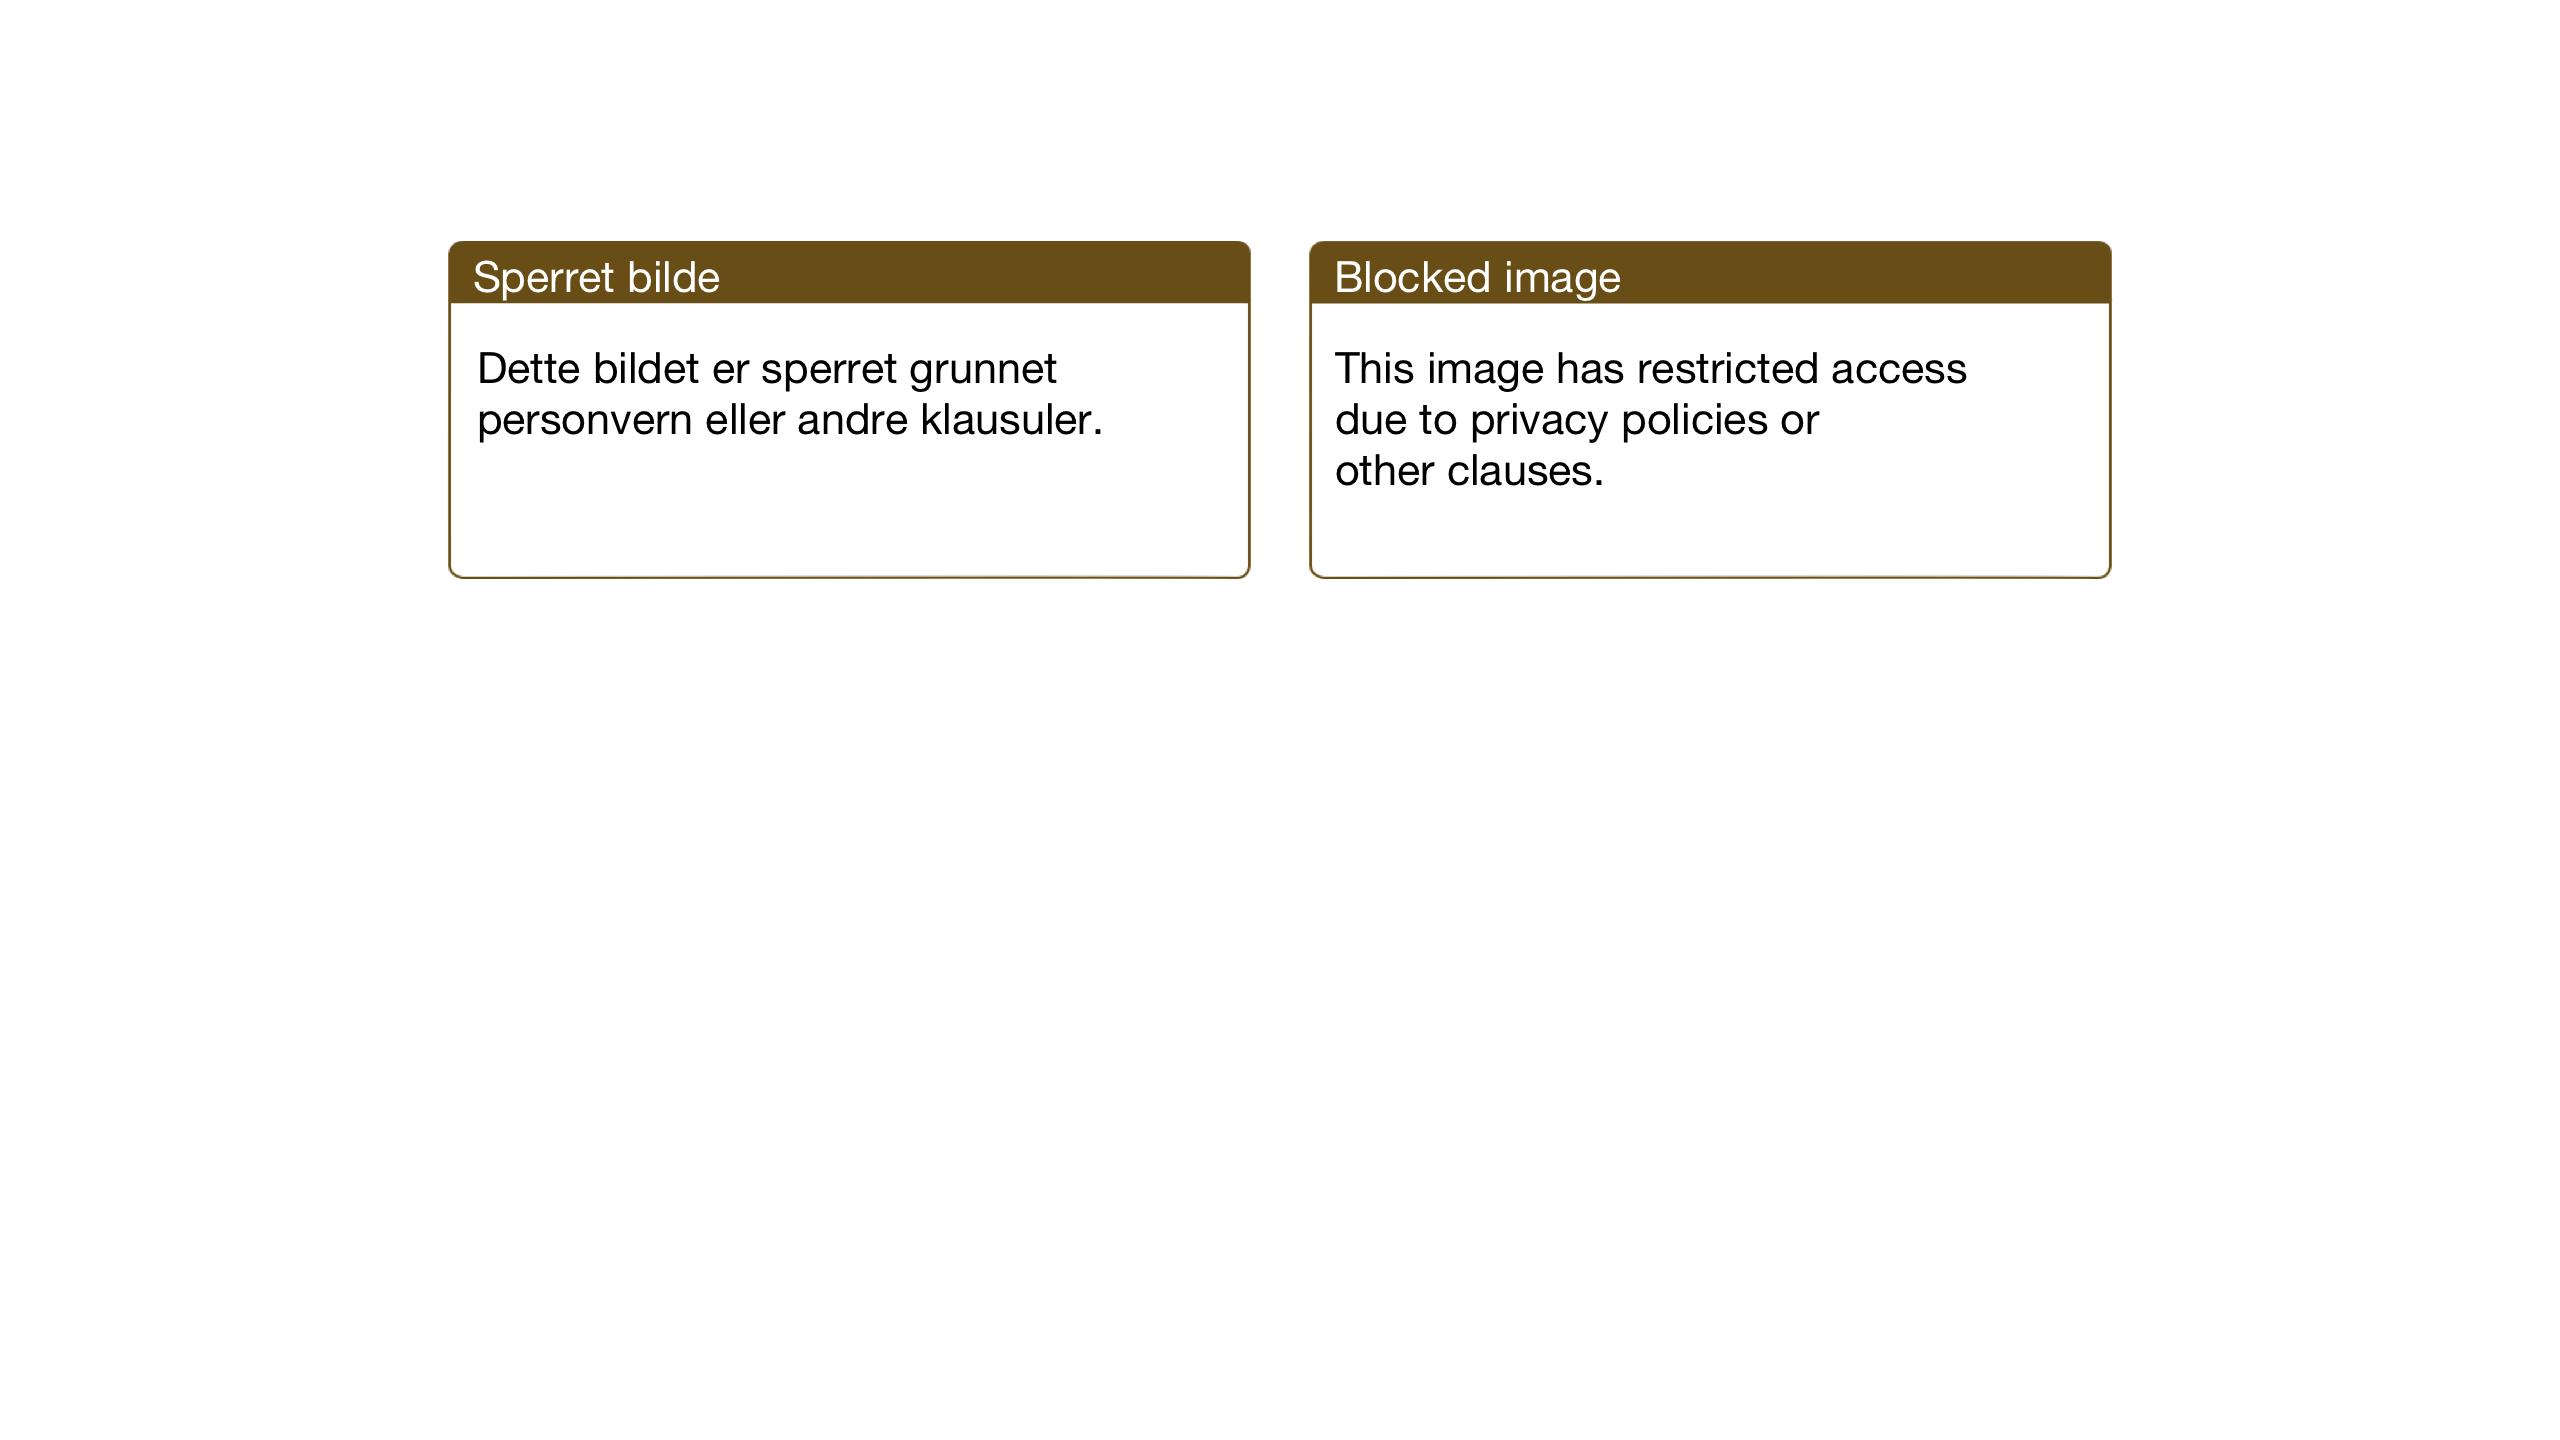 SAT, Ministerialprotokoller, klokkerbøker og fødselsregistre - Nord-Trøndelag, 719/L0180: Klokkerbok nr. 719C01, 1878-1940, s. 66